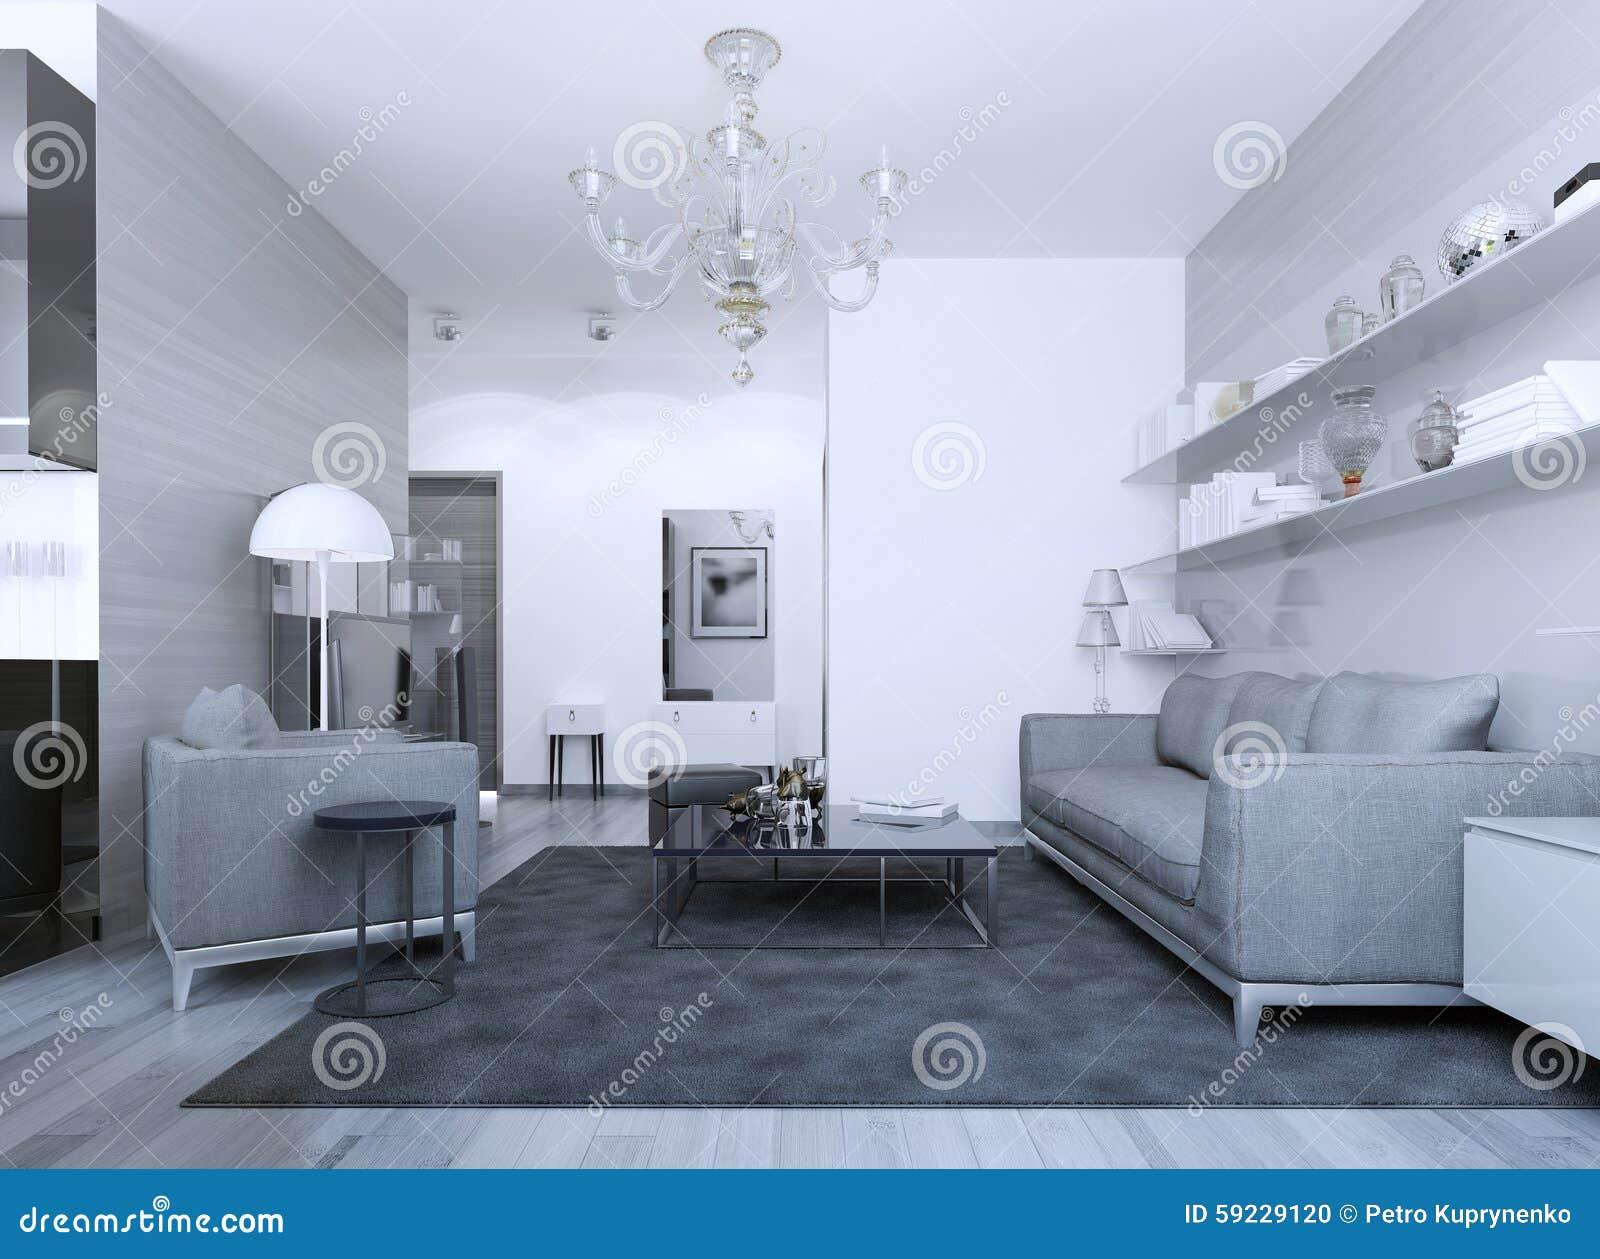 Salotto Moderno Elegante : Salotto gotico moderno accogliente illustrazione di stock